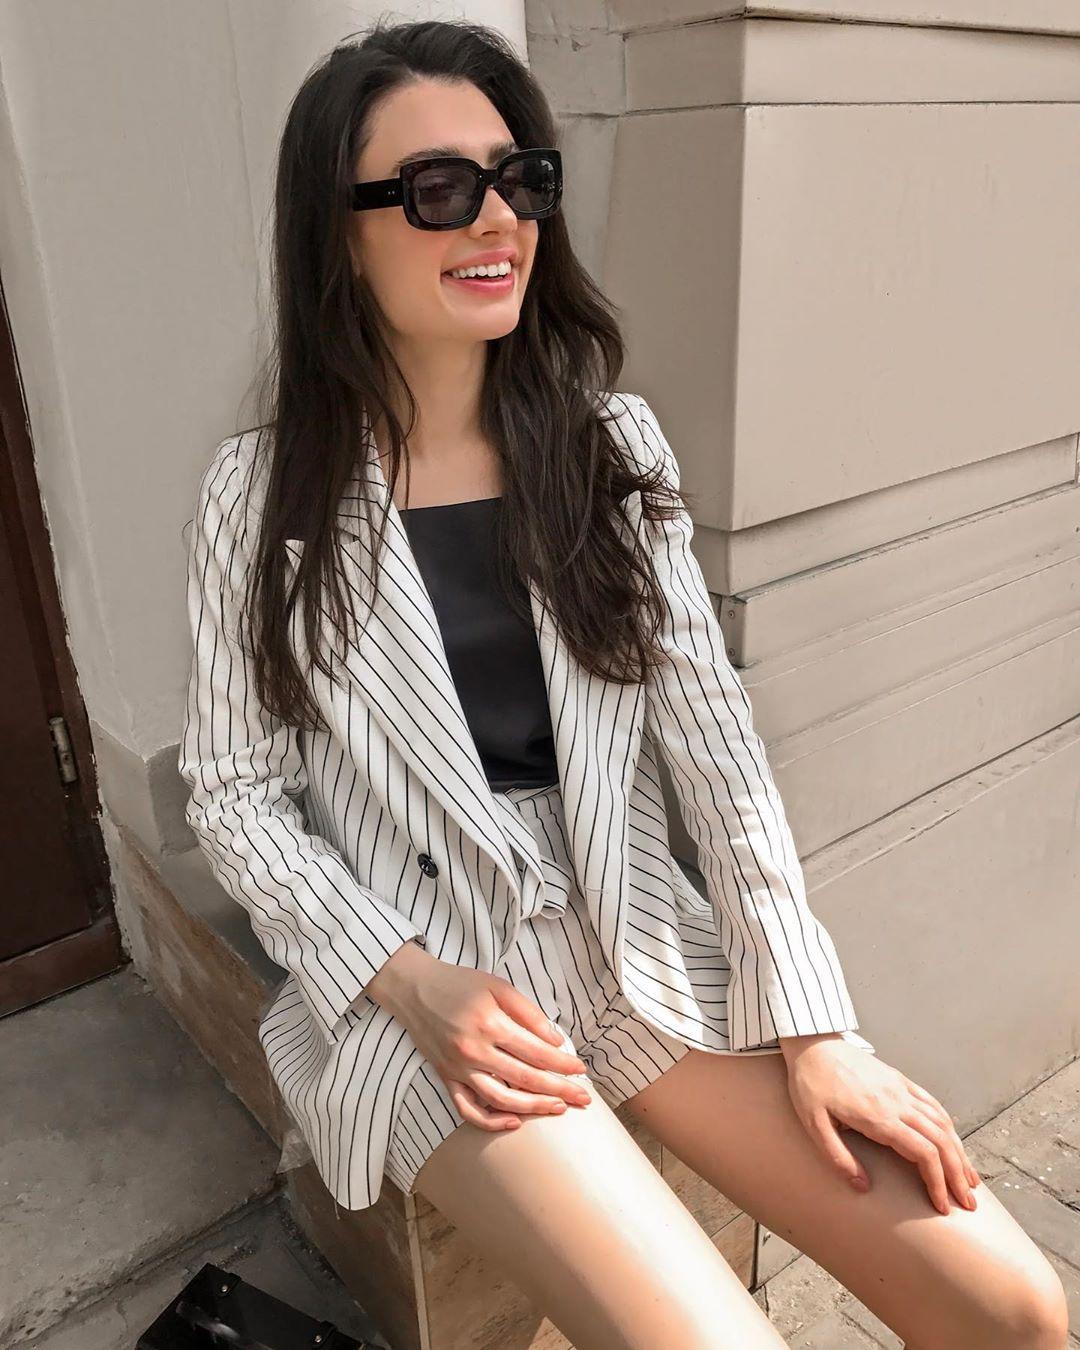 модный летние образы для деловых женщин фото 8